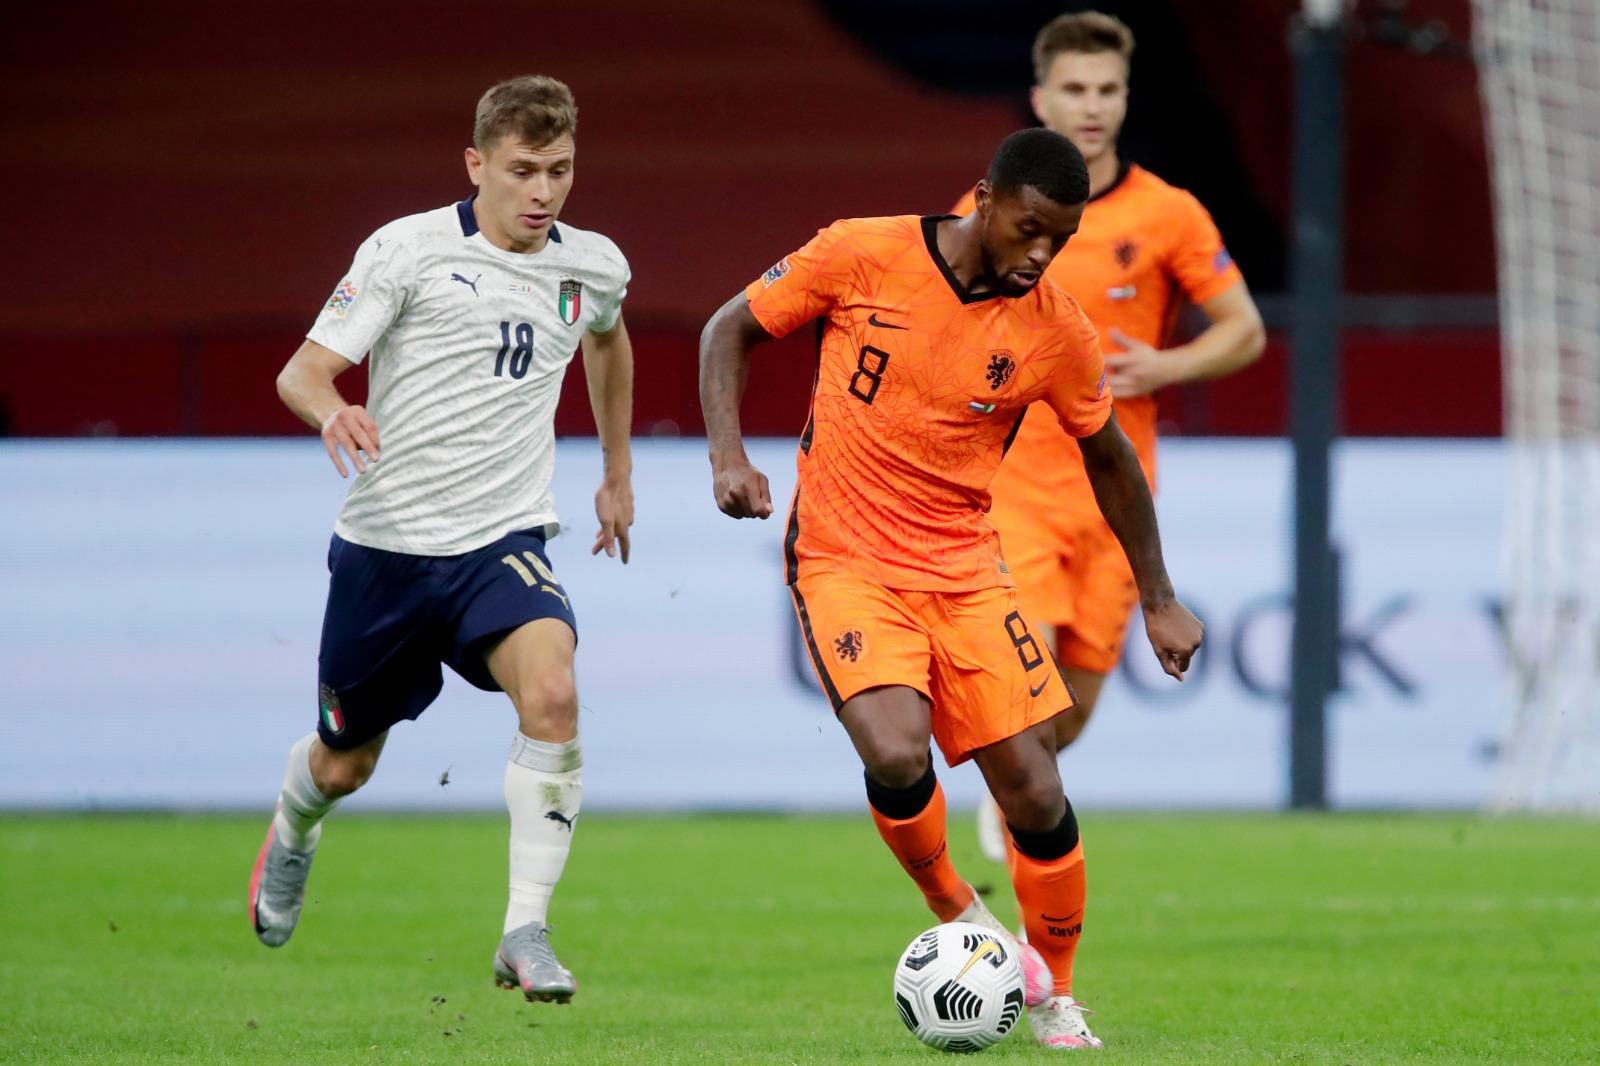 فاينالدوم لاعب هولندا